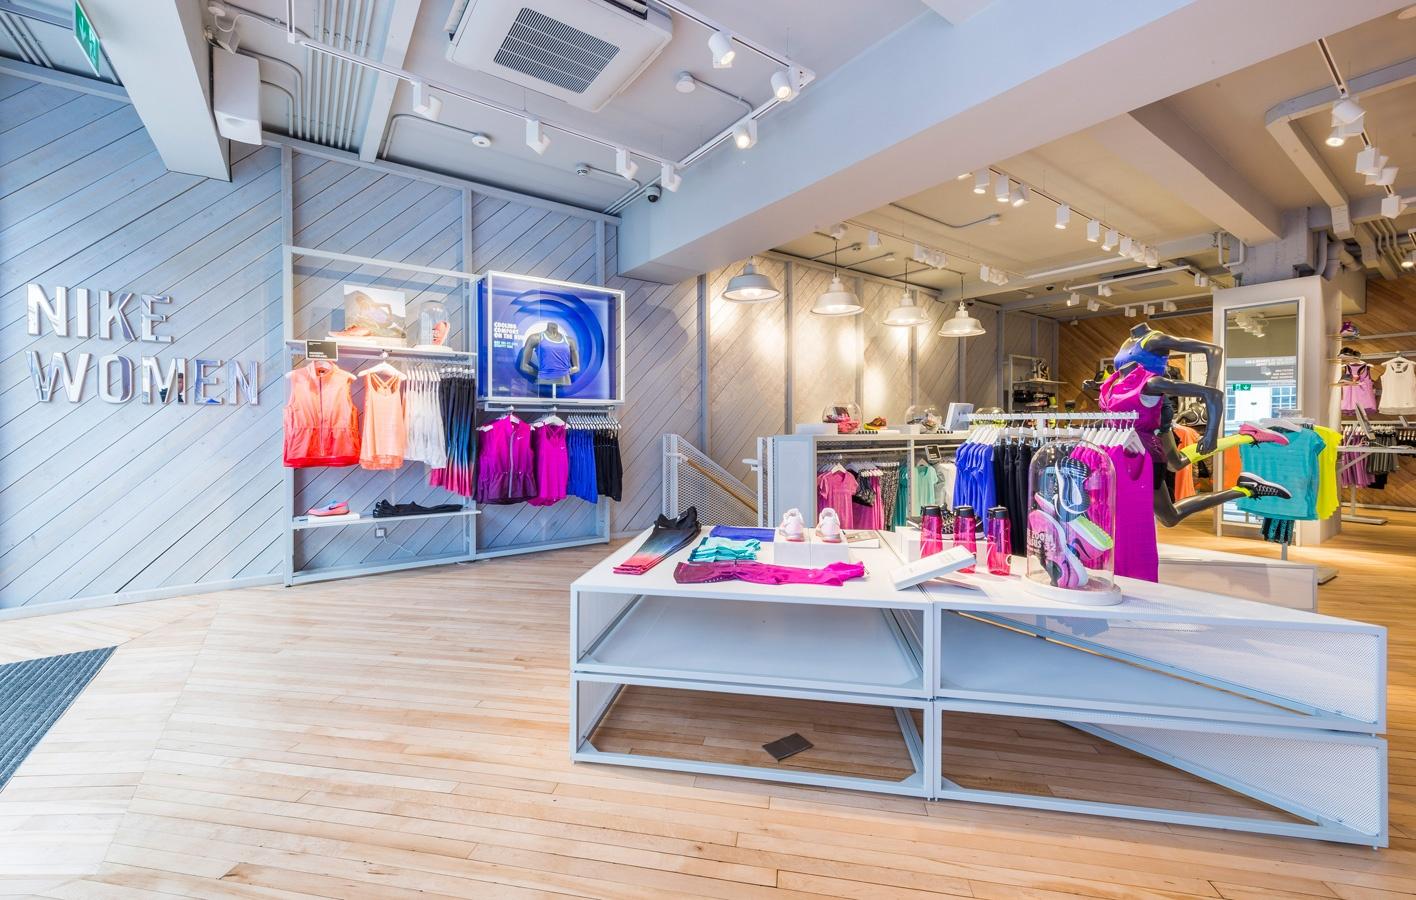 Nike Women's - Kings Road 2